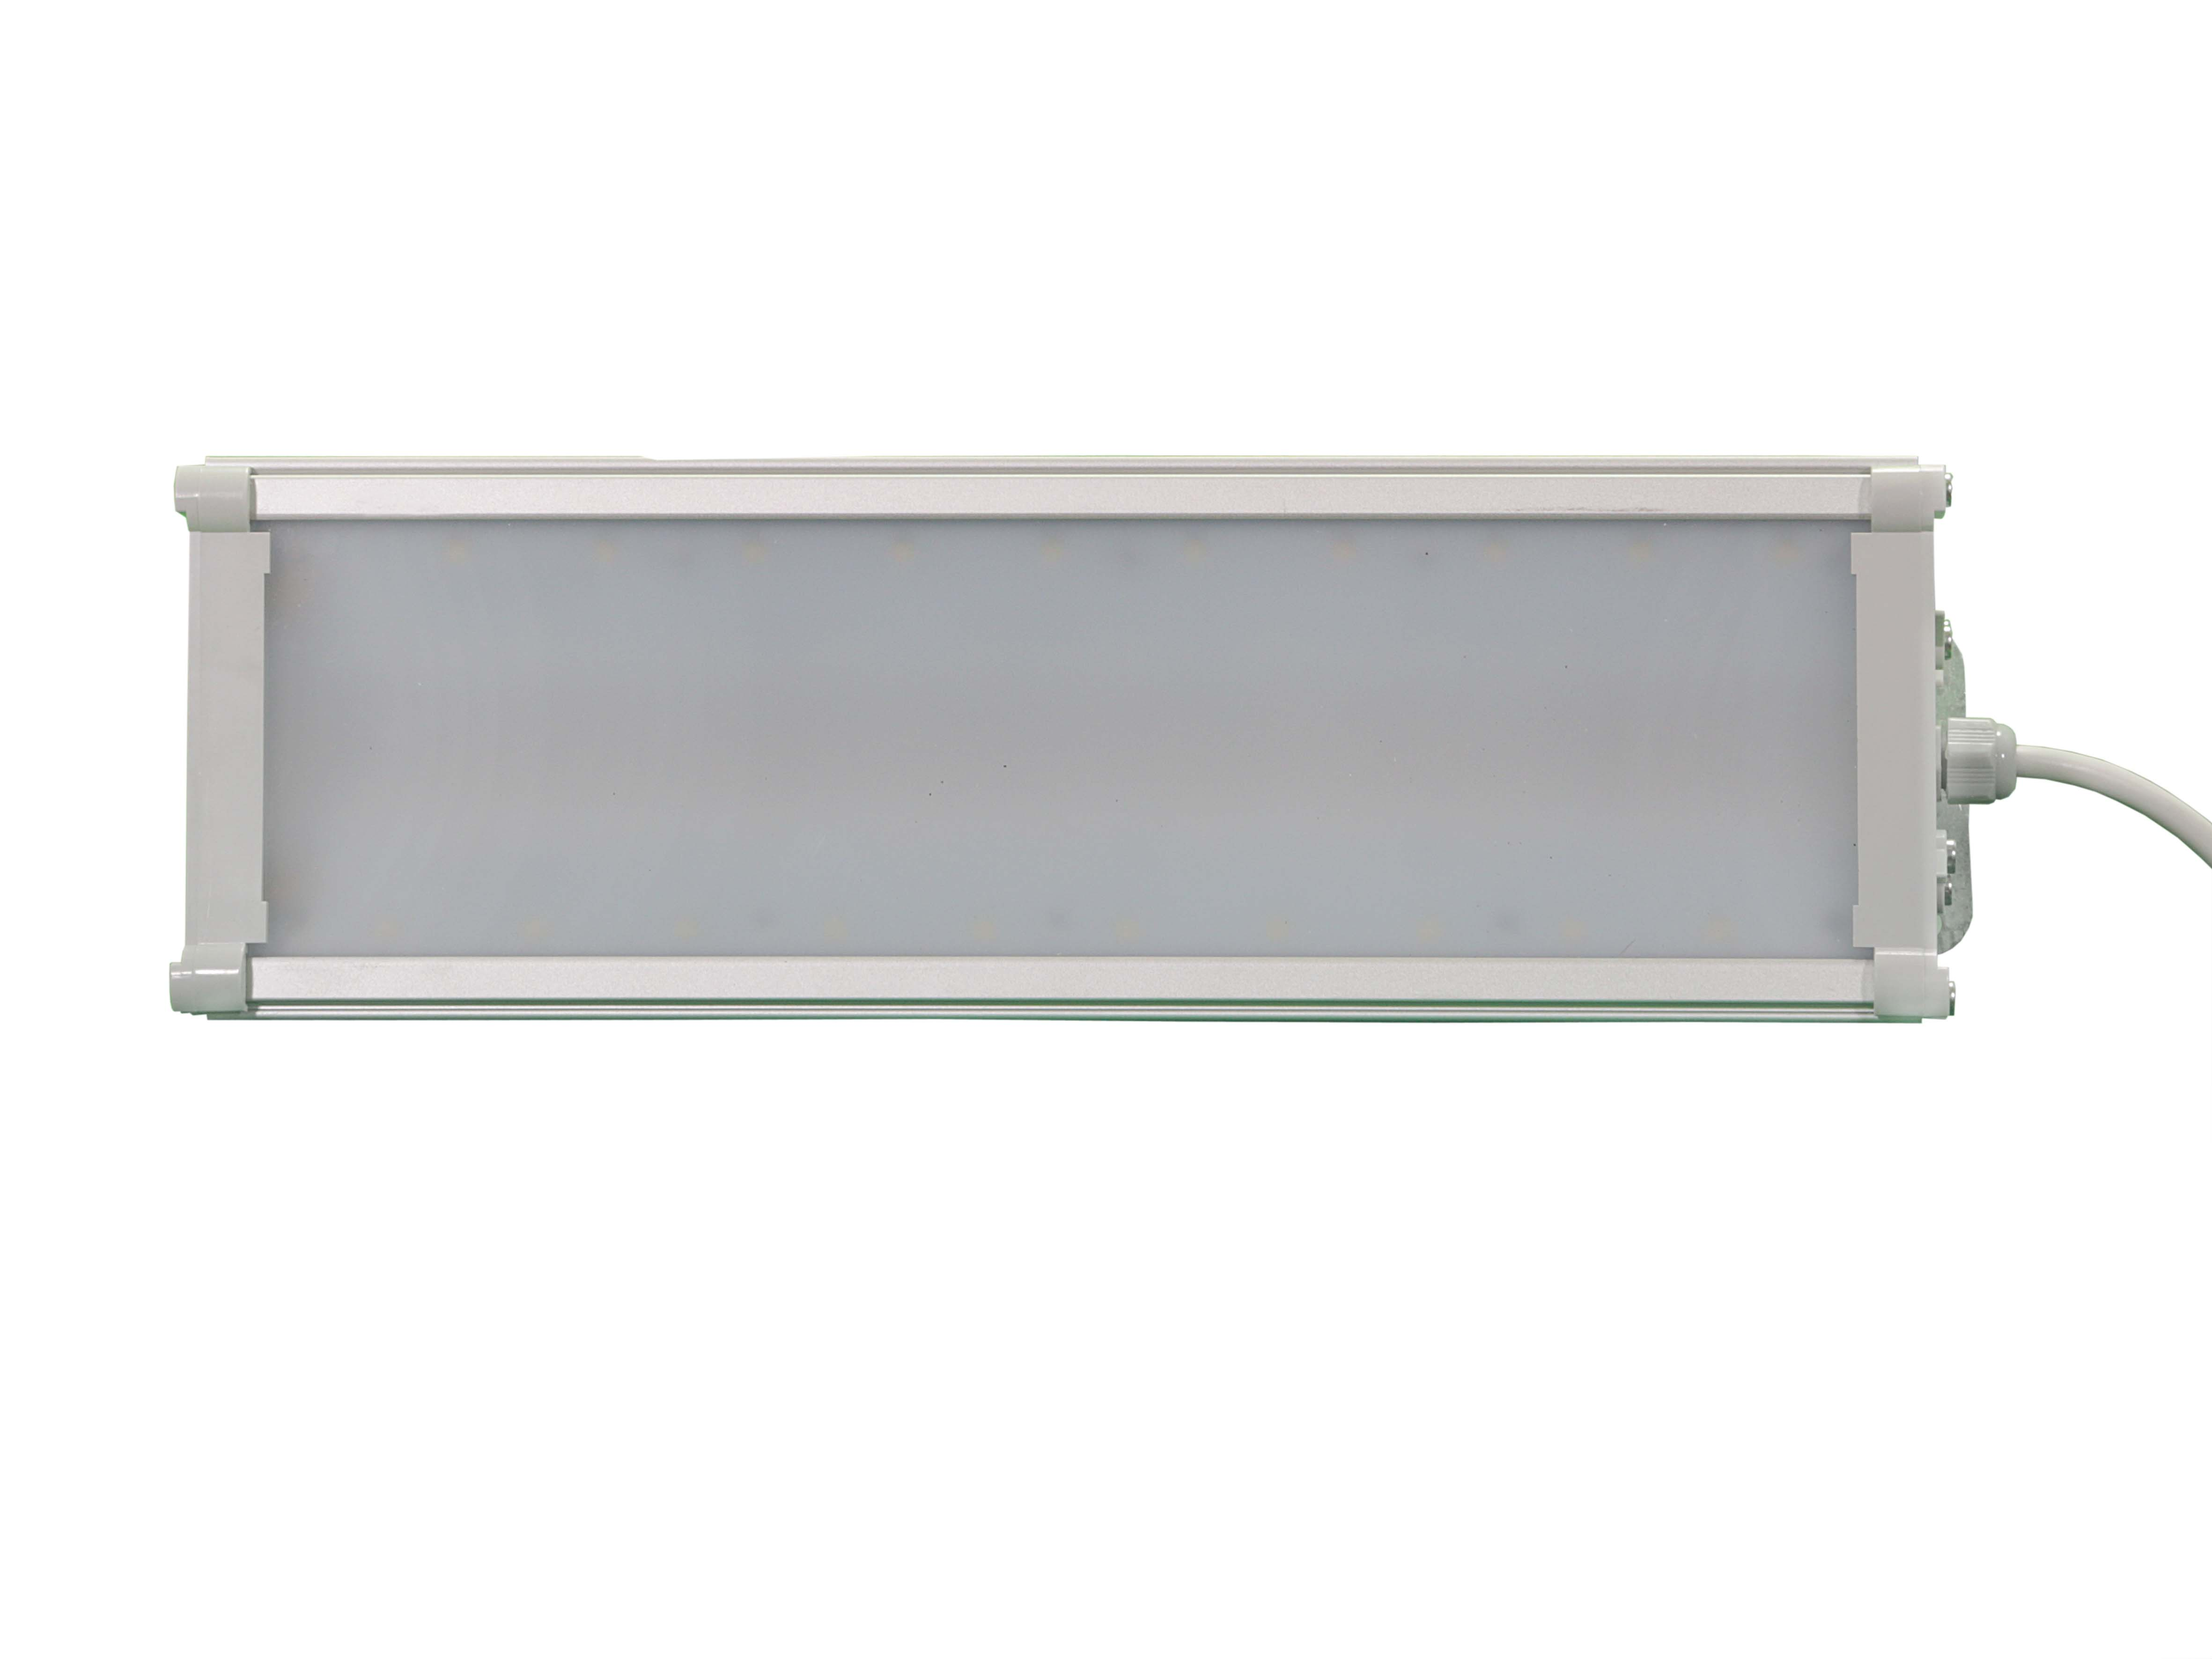 Офисный светодиодный светильник Армстронг Мини Премиум-17 17Вт 2210Лм